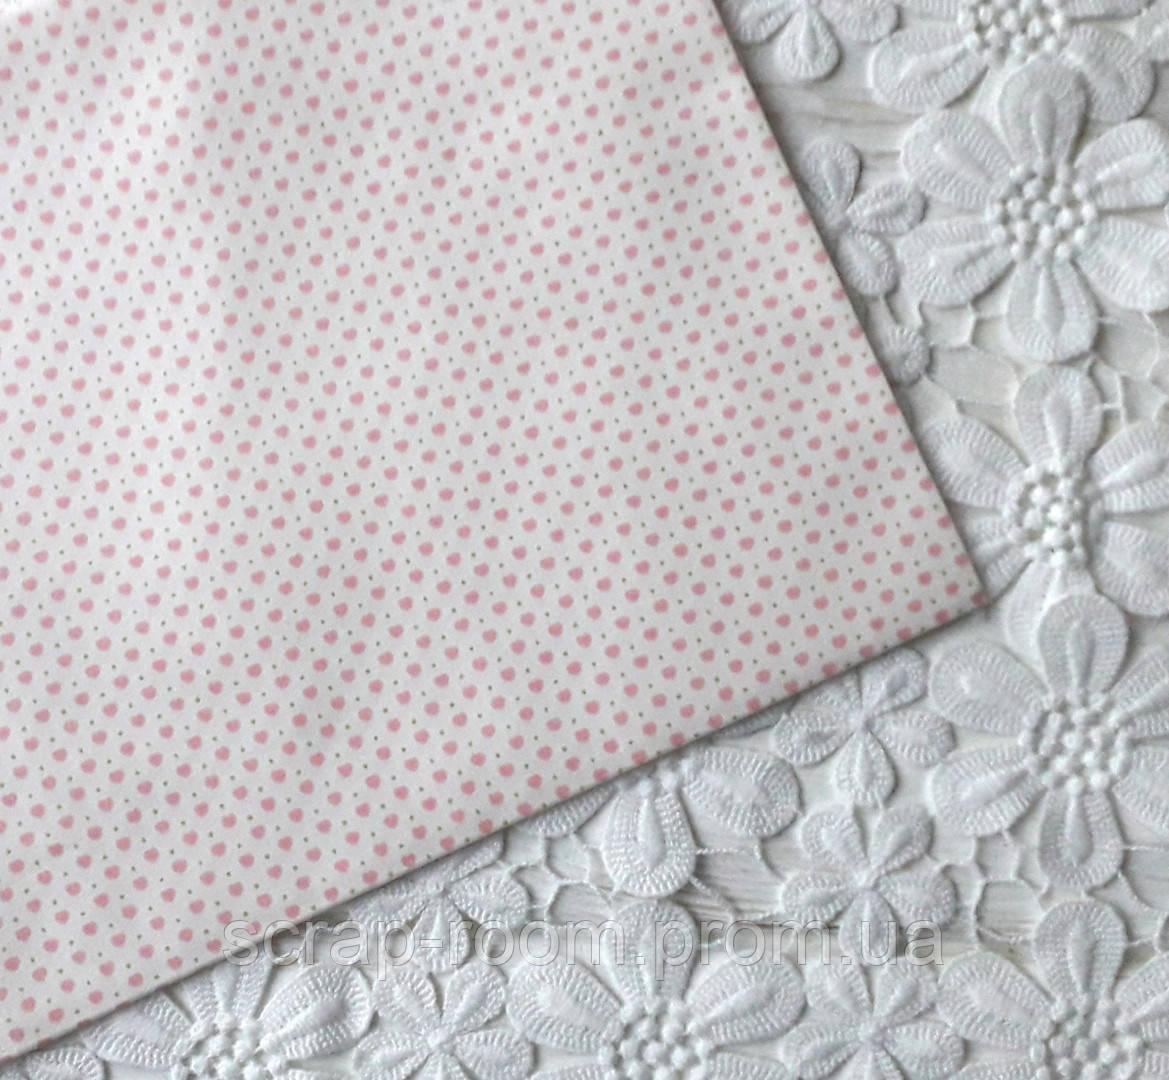 Ткань хлопок 100% сердечки бежевая розовая, цветочный хлопок, Корея отрез 20 на 50 см